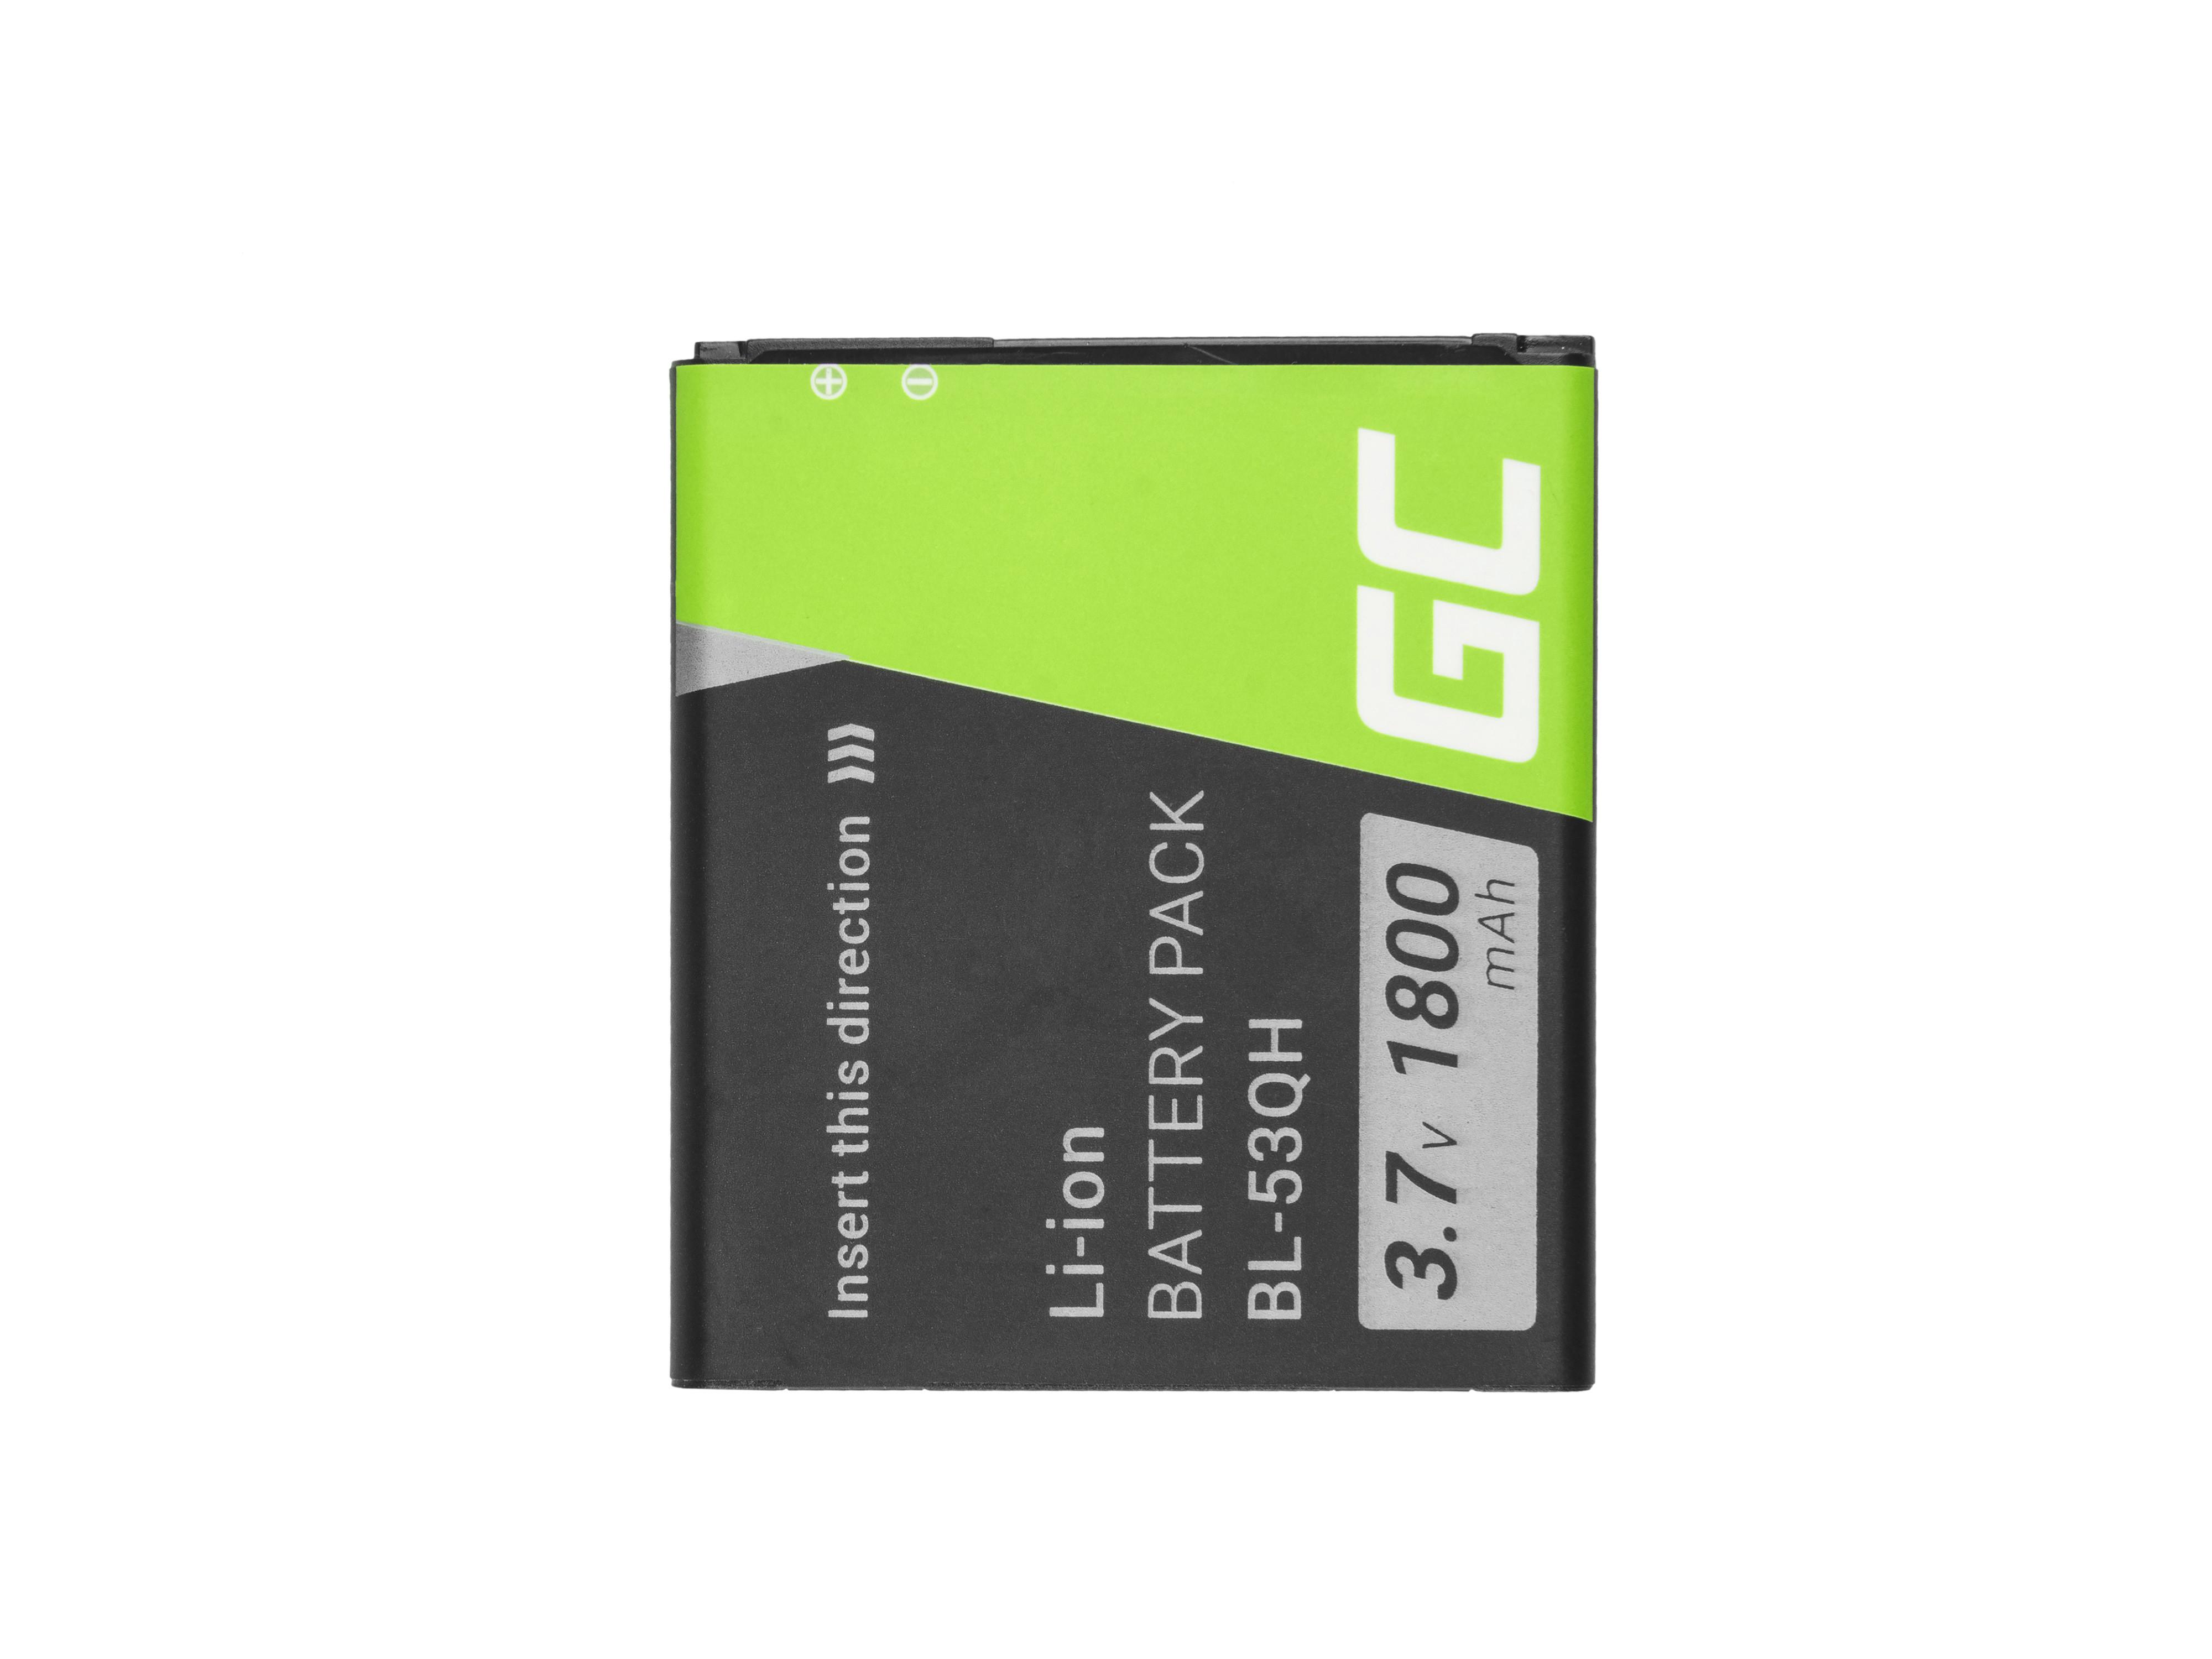 Baterie Green Cell LG L9 P760 P769 P880 P880G 4X HD 1500mAh Li-ion - neoriginální